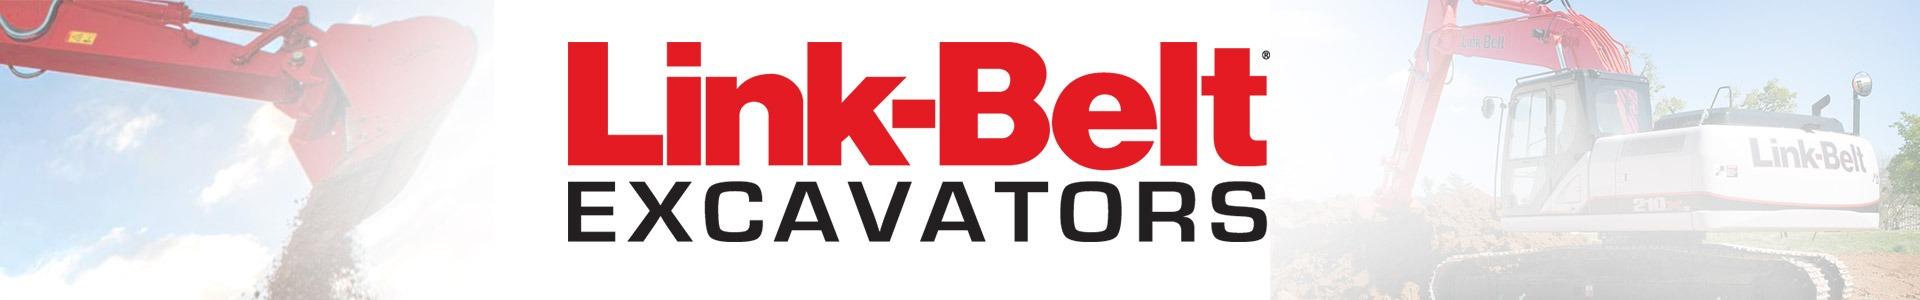 link-belt excavators